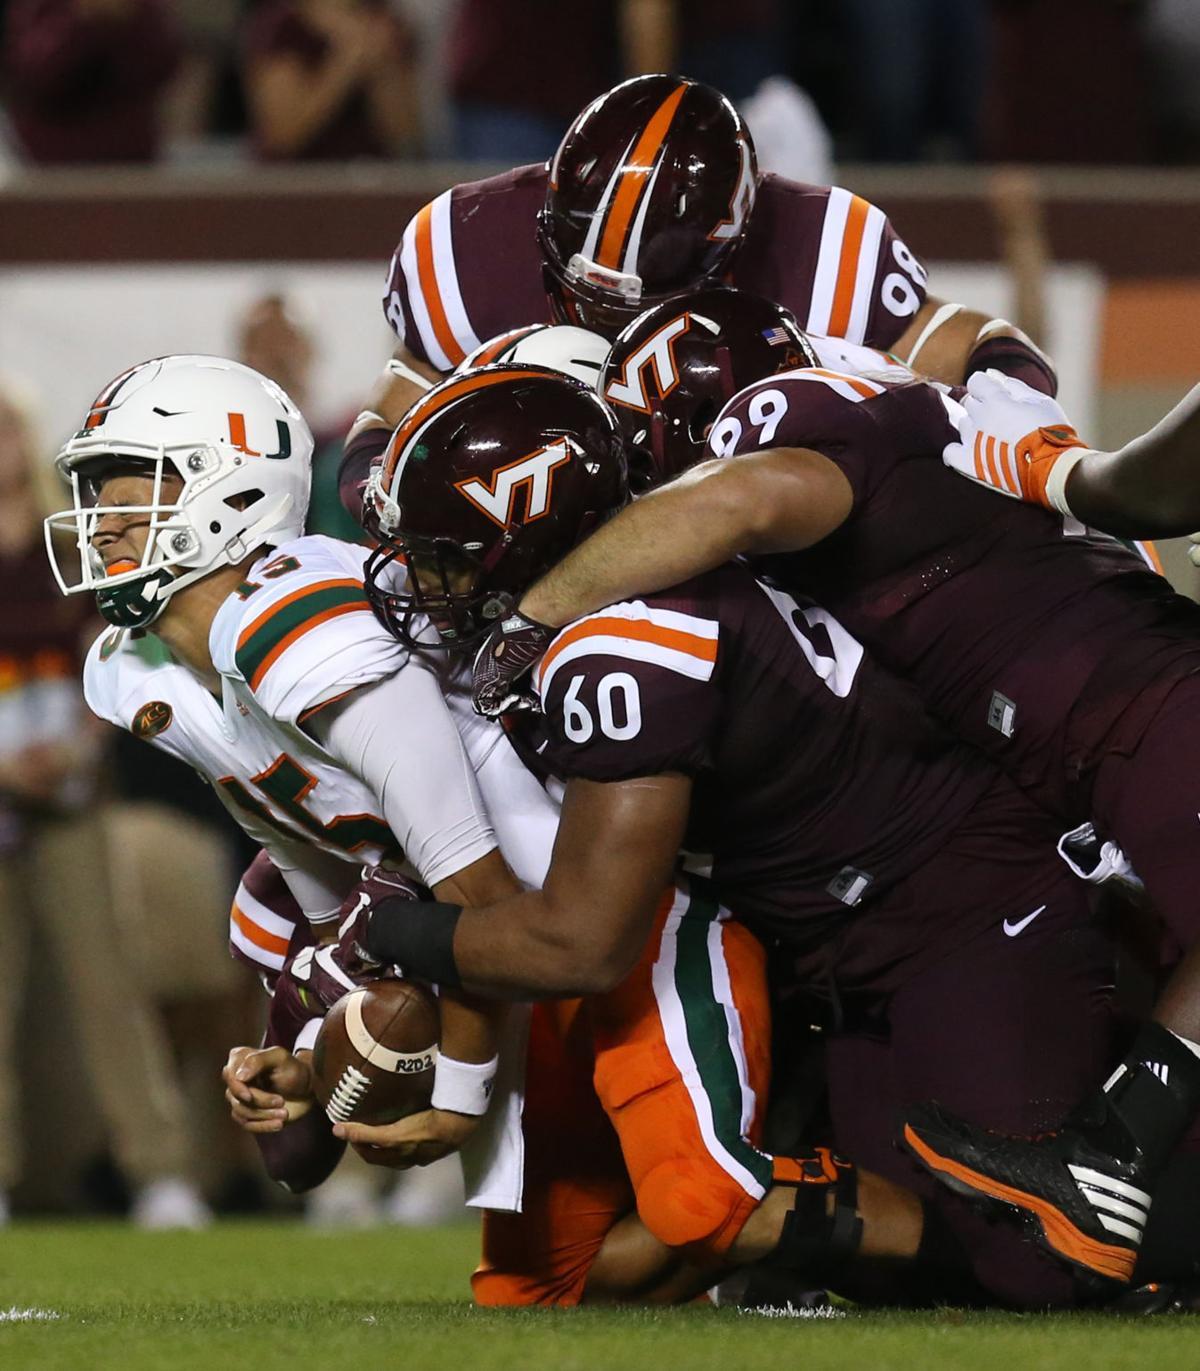 ... football: Miami at Virginia Tech | ACC | martinsvillebulletin.com